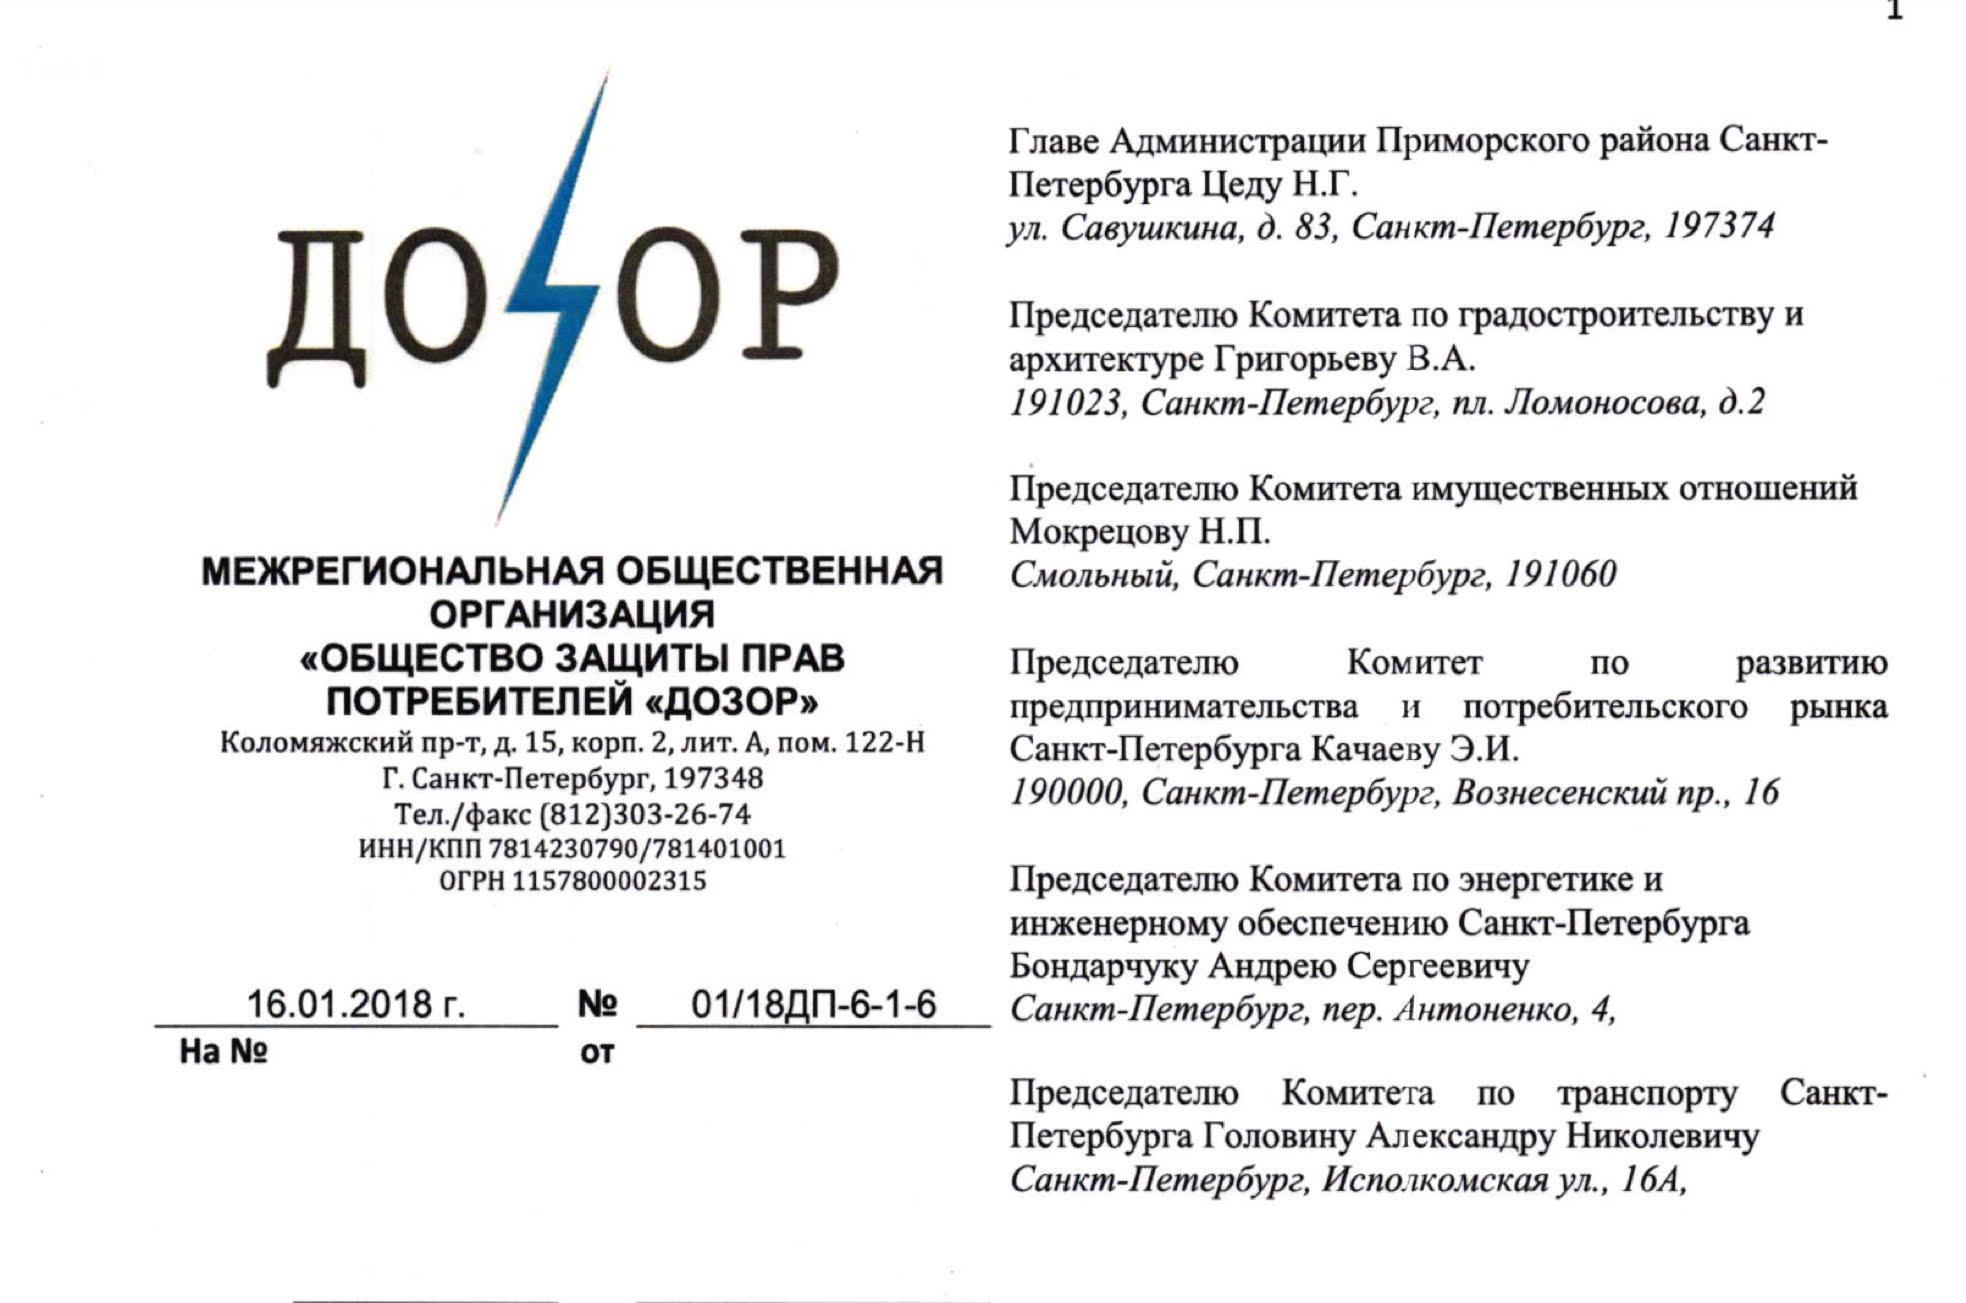 Обращение МОО «Дозор Потребители» в Администрацию Приморского района и комитеты Администрации Санкт-Петербурга